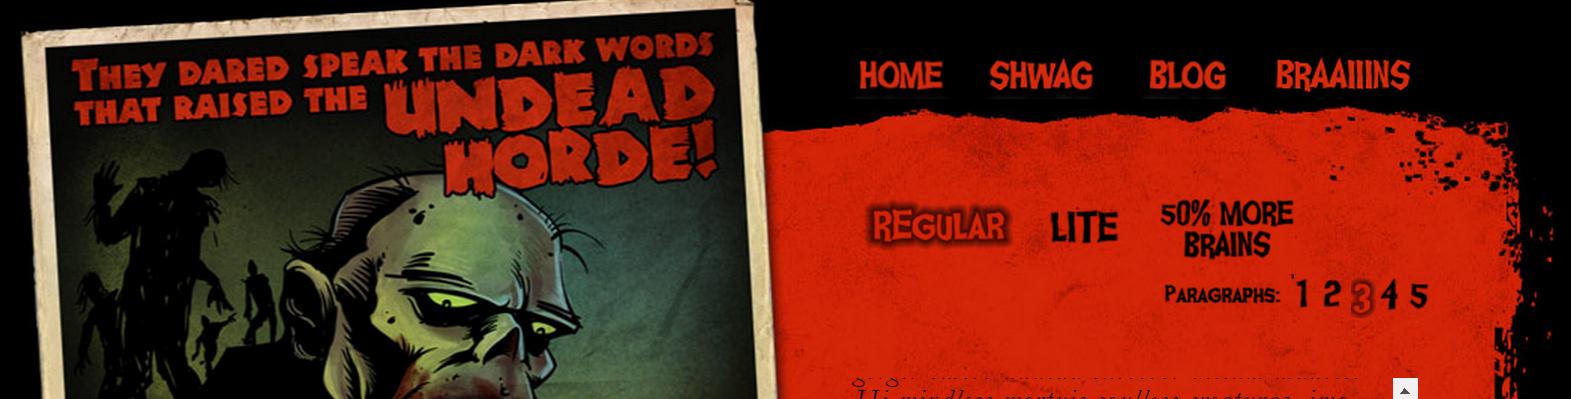 http://www.zombieipsum.com/